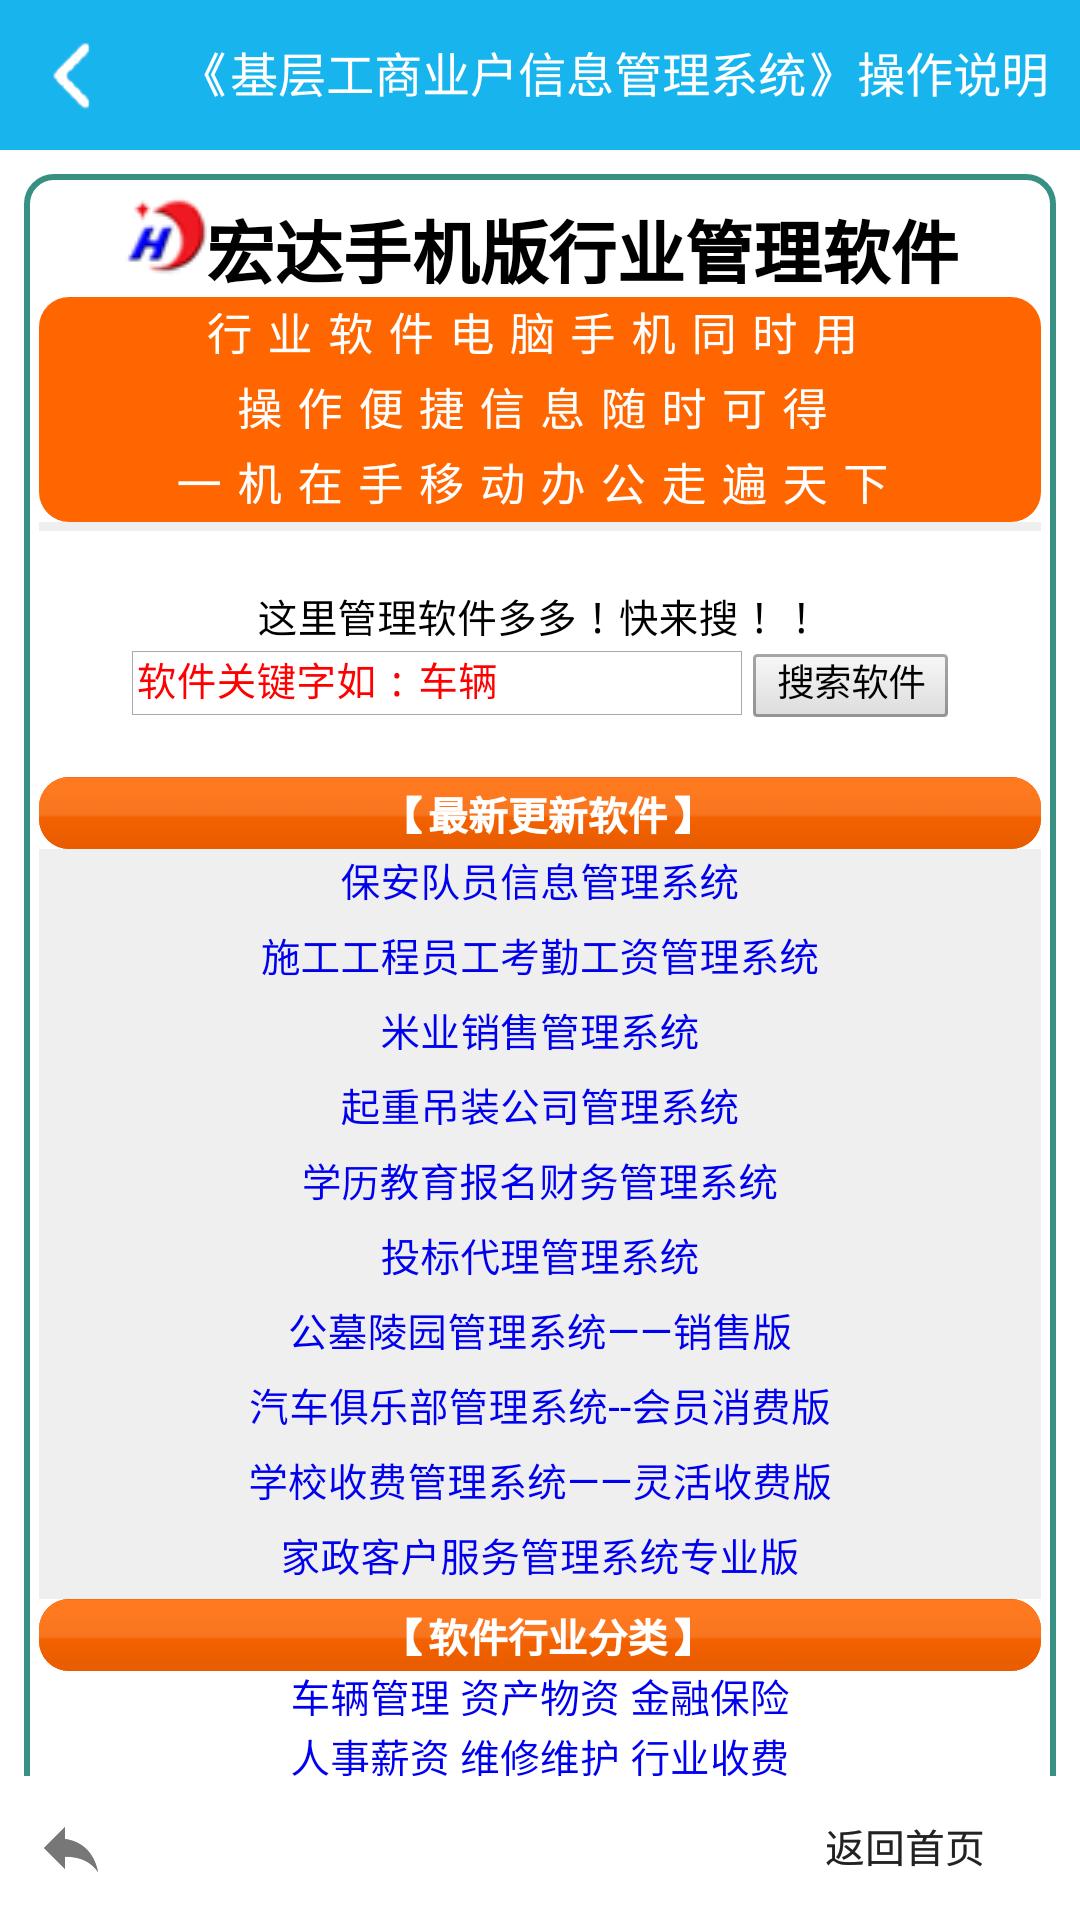 工商行政管理系统